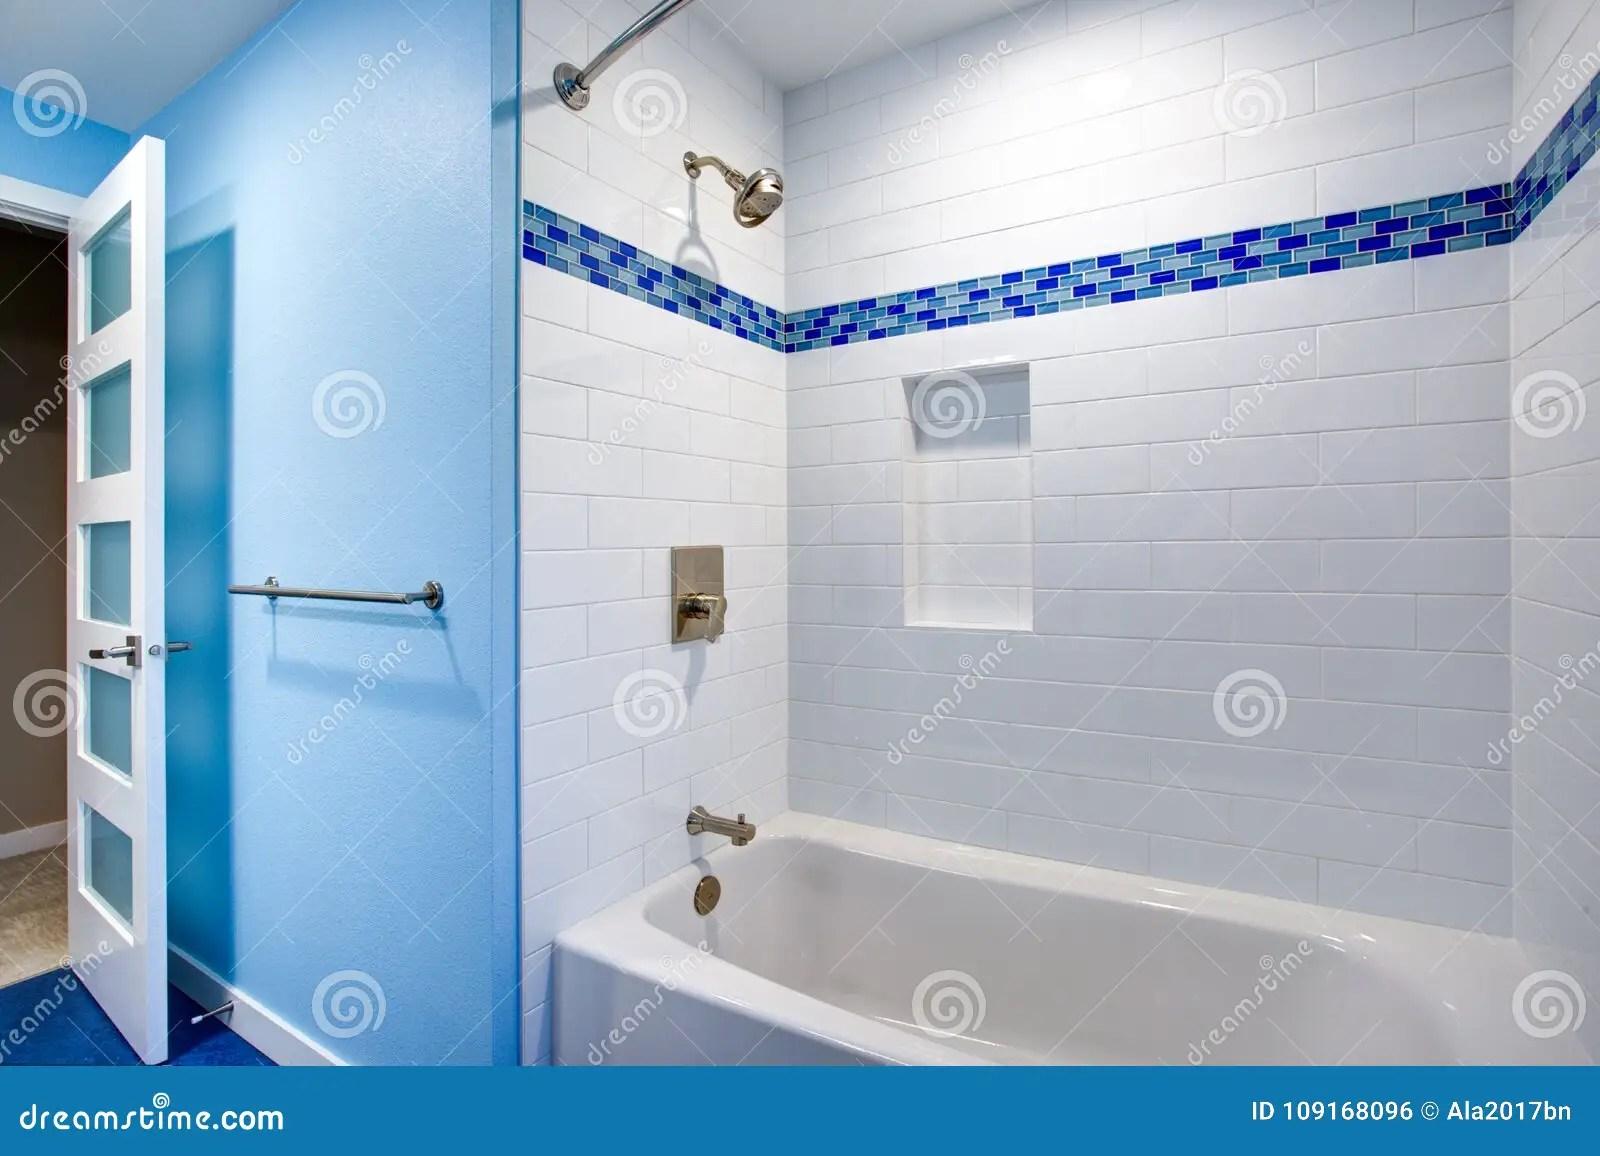 https www dreamstime com fantastic bathroom drop tub shower combo framed white subway tiled backsplash fitted niche flanked blue mosaic image109168096